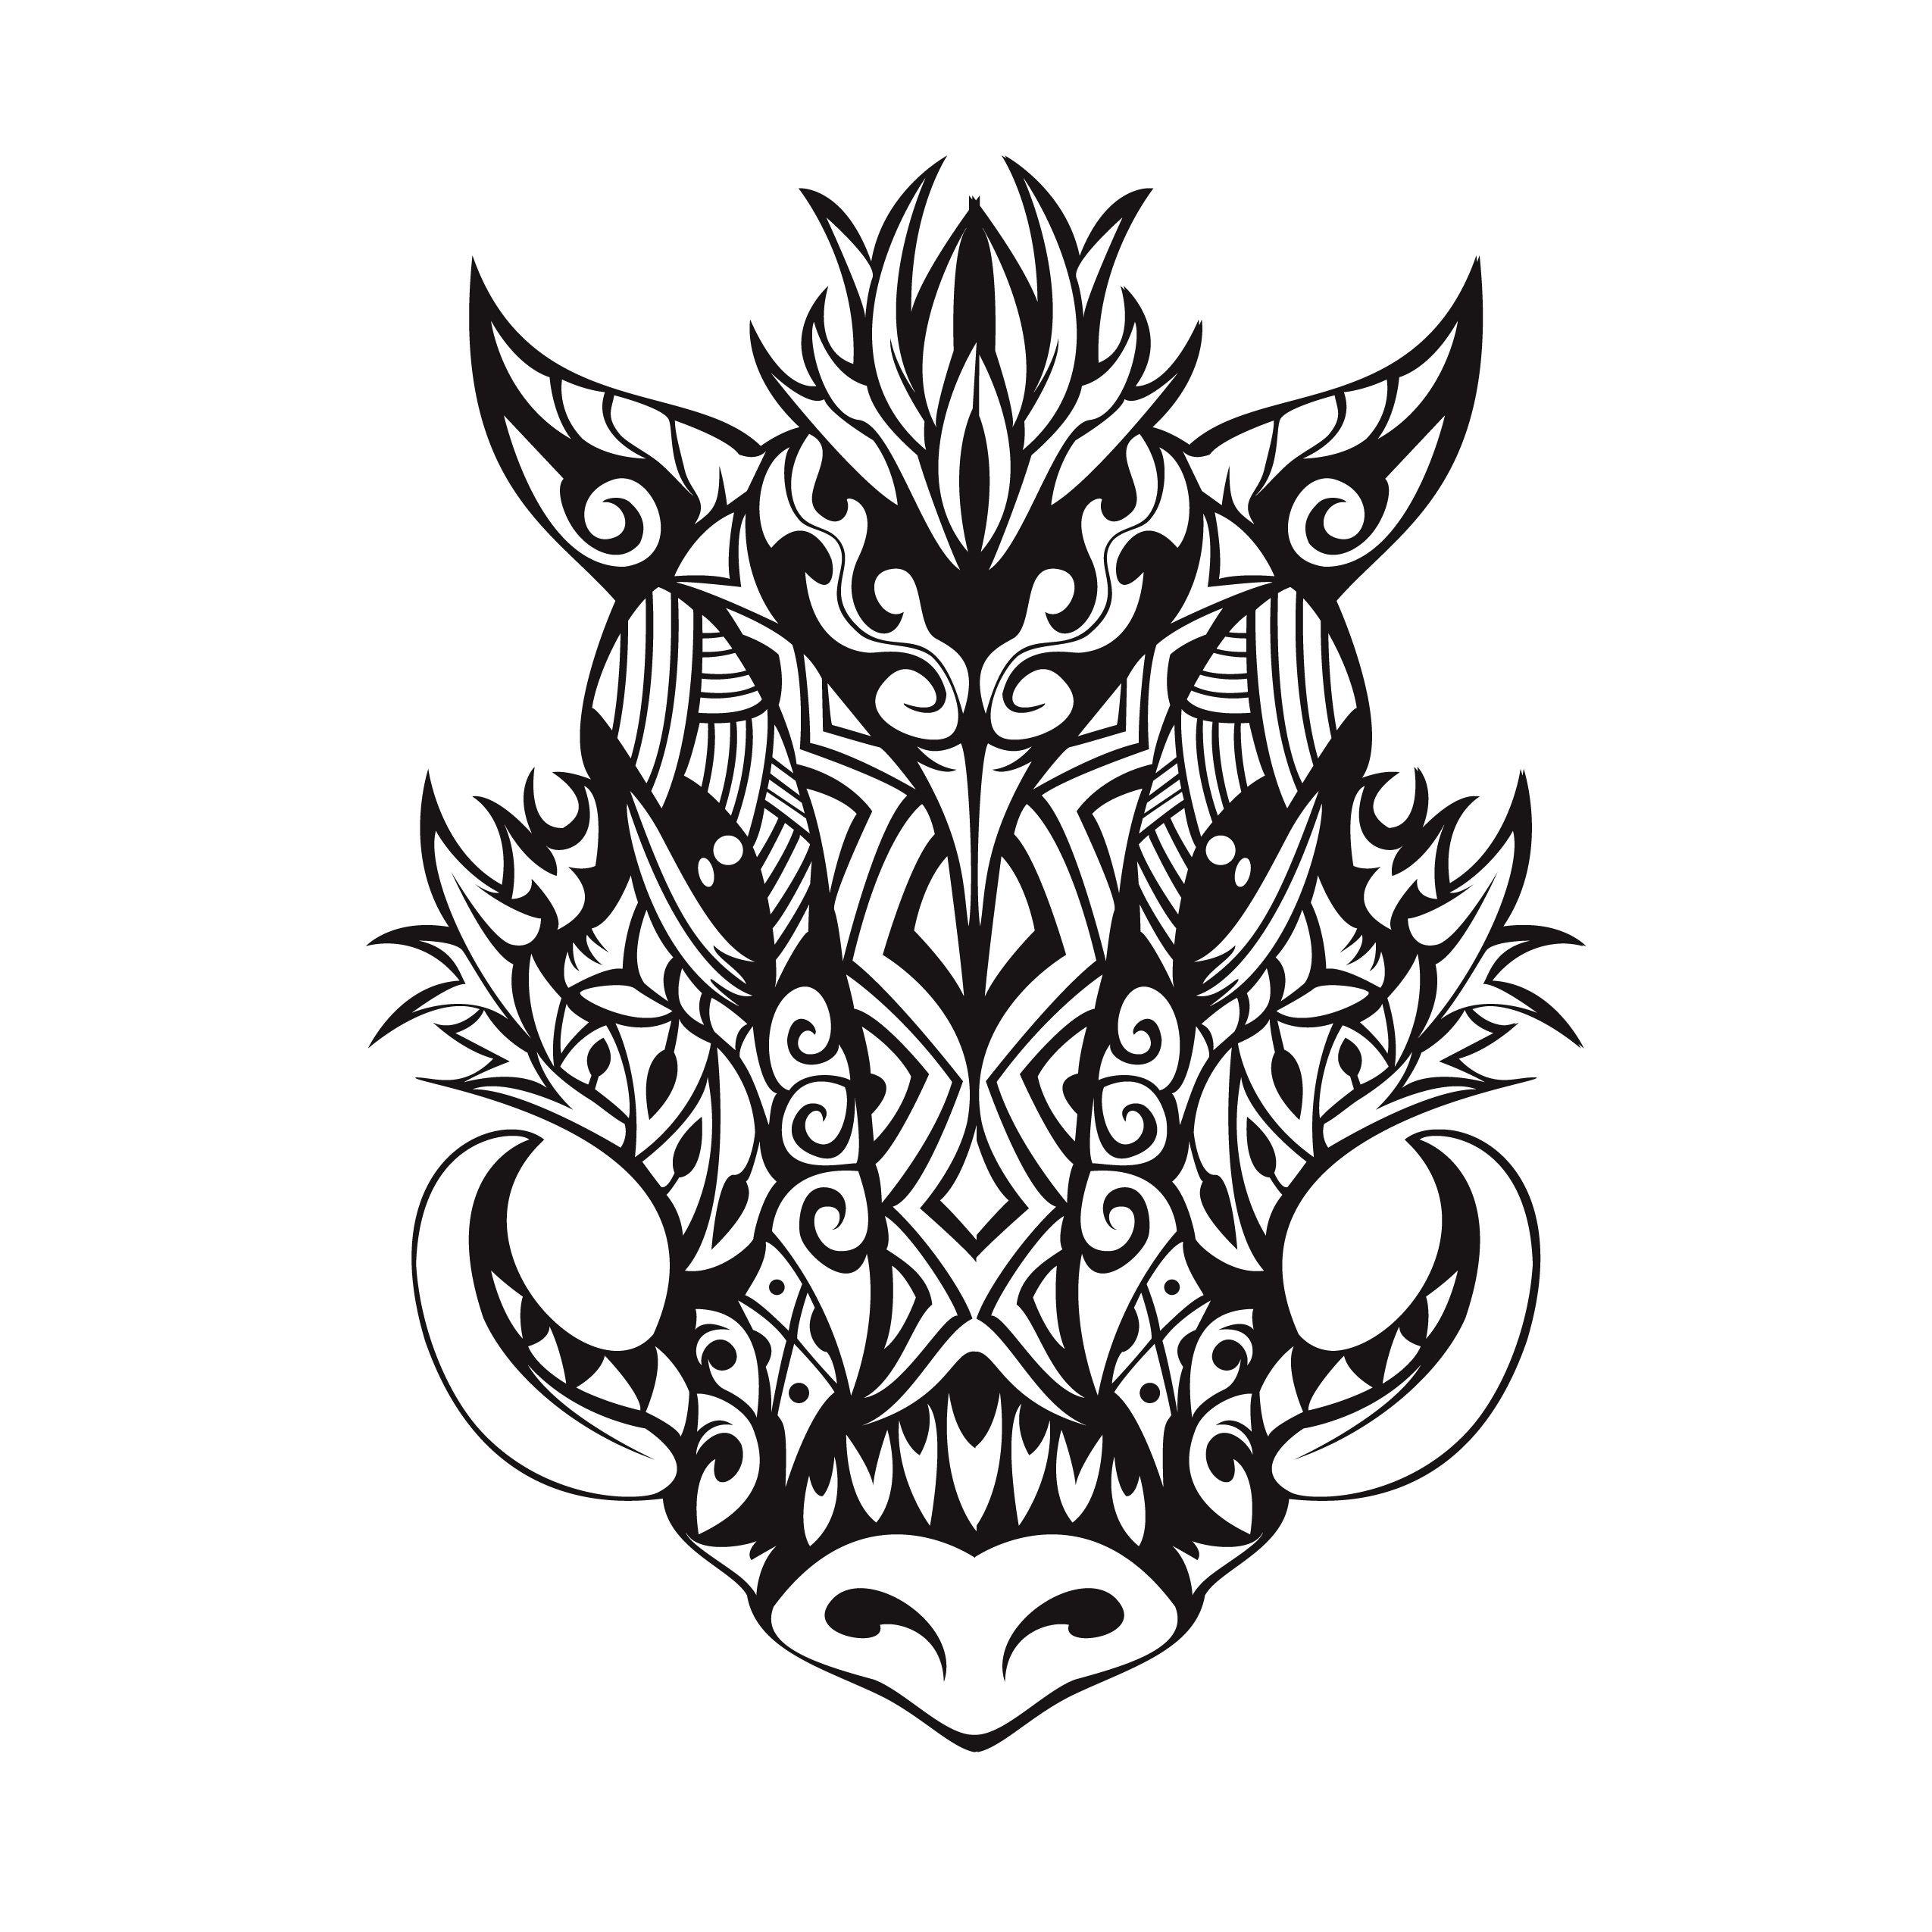 Tribal Boar Tattoo